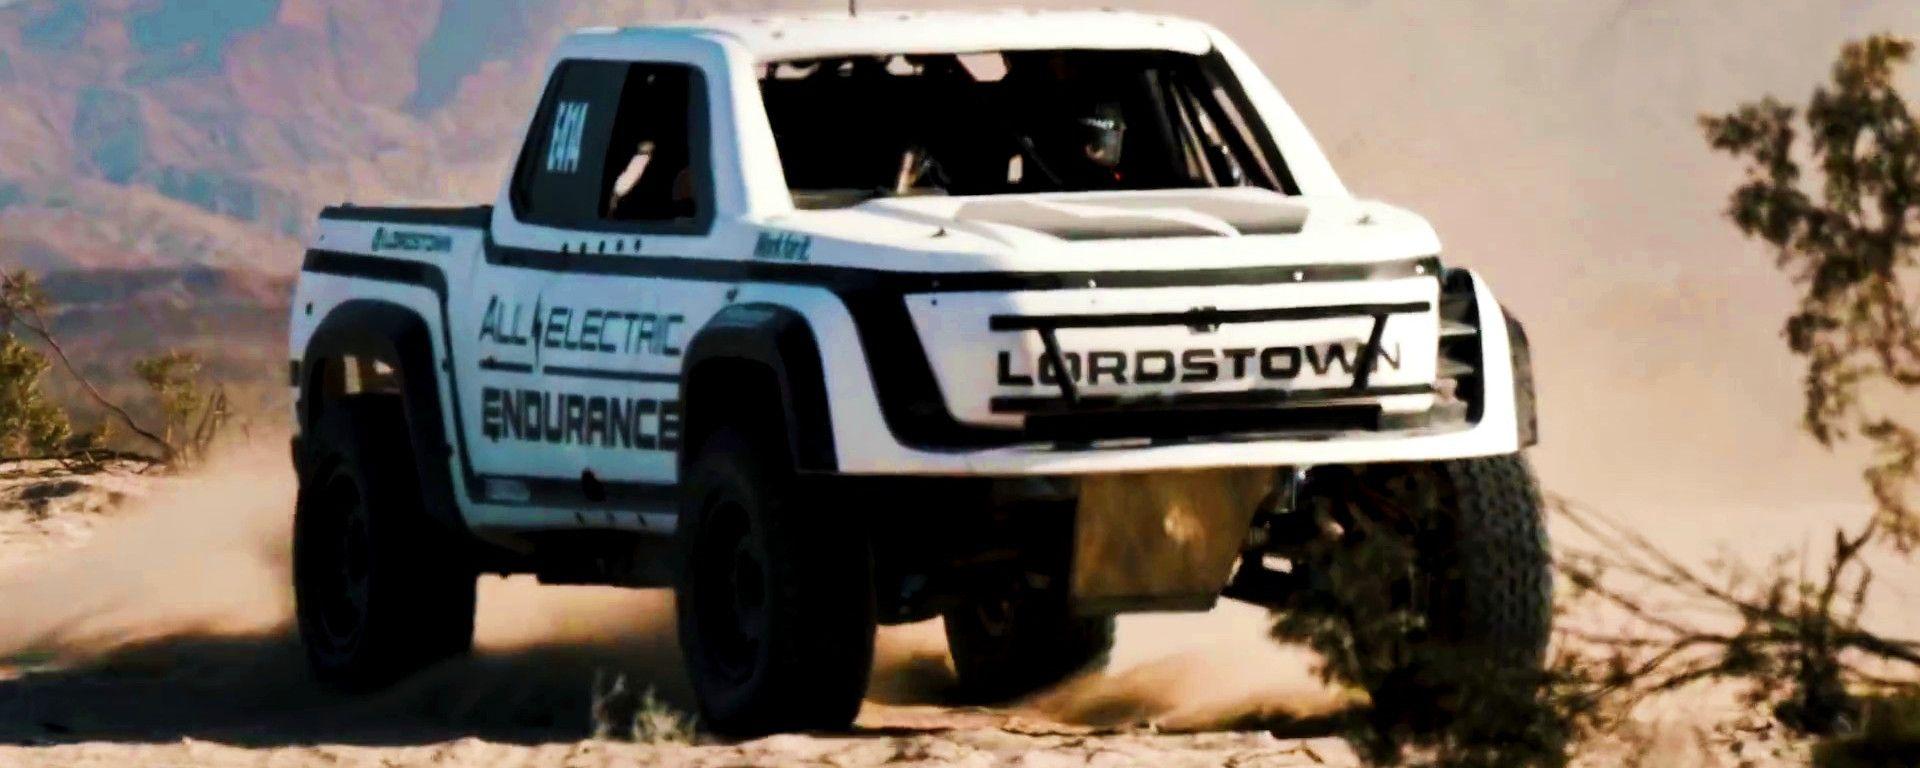 Lordstown Endurance, il pick-up elettrico: vista 3/4 anteriore